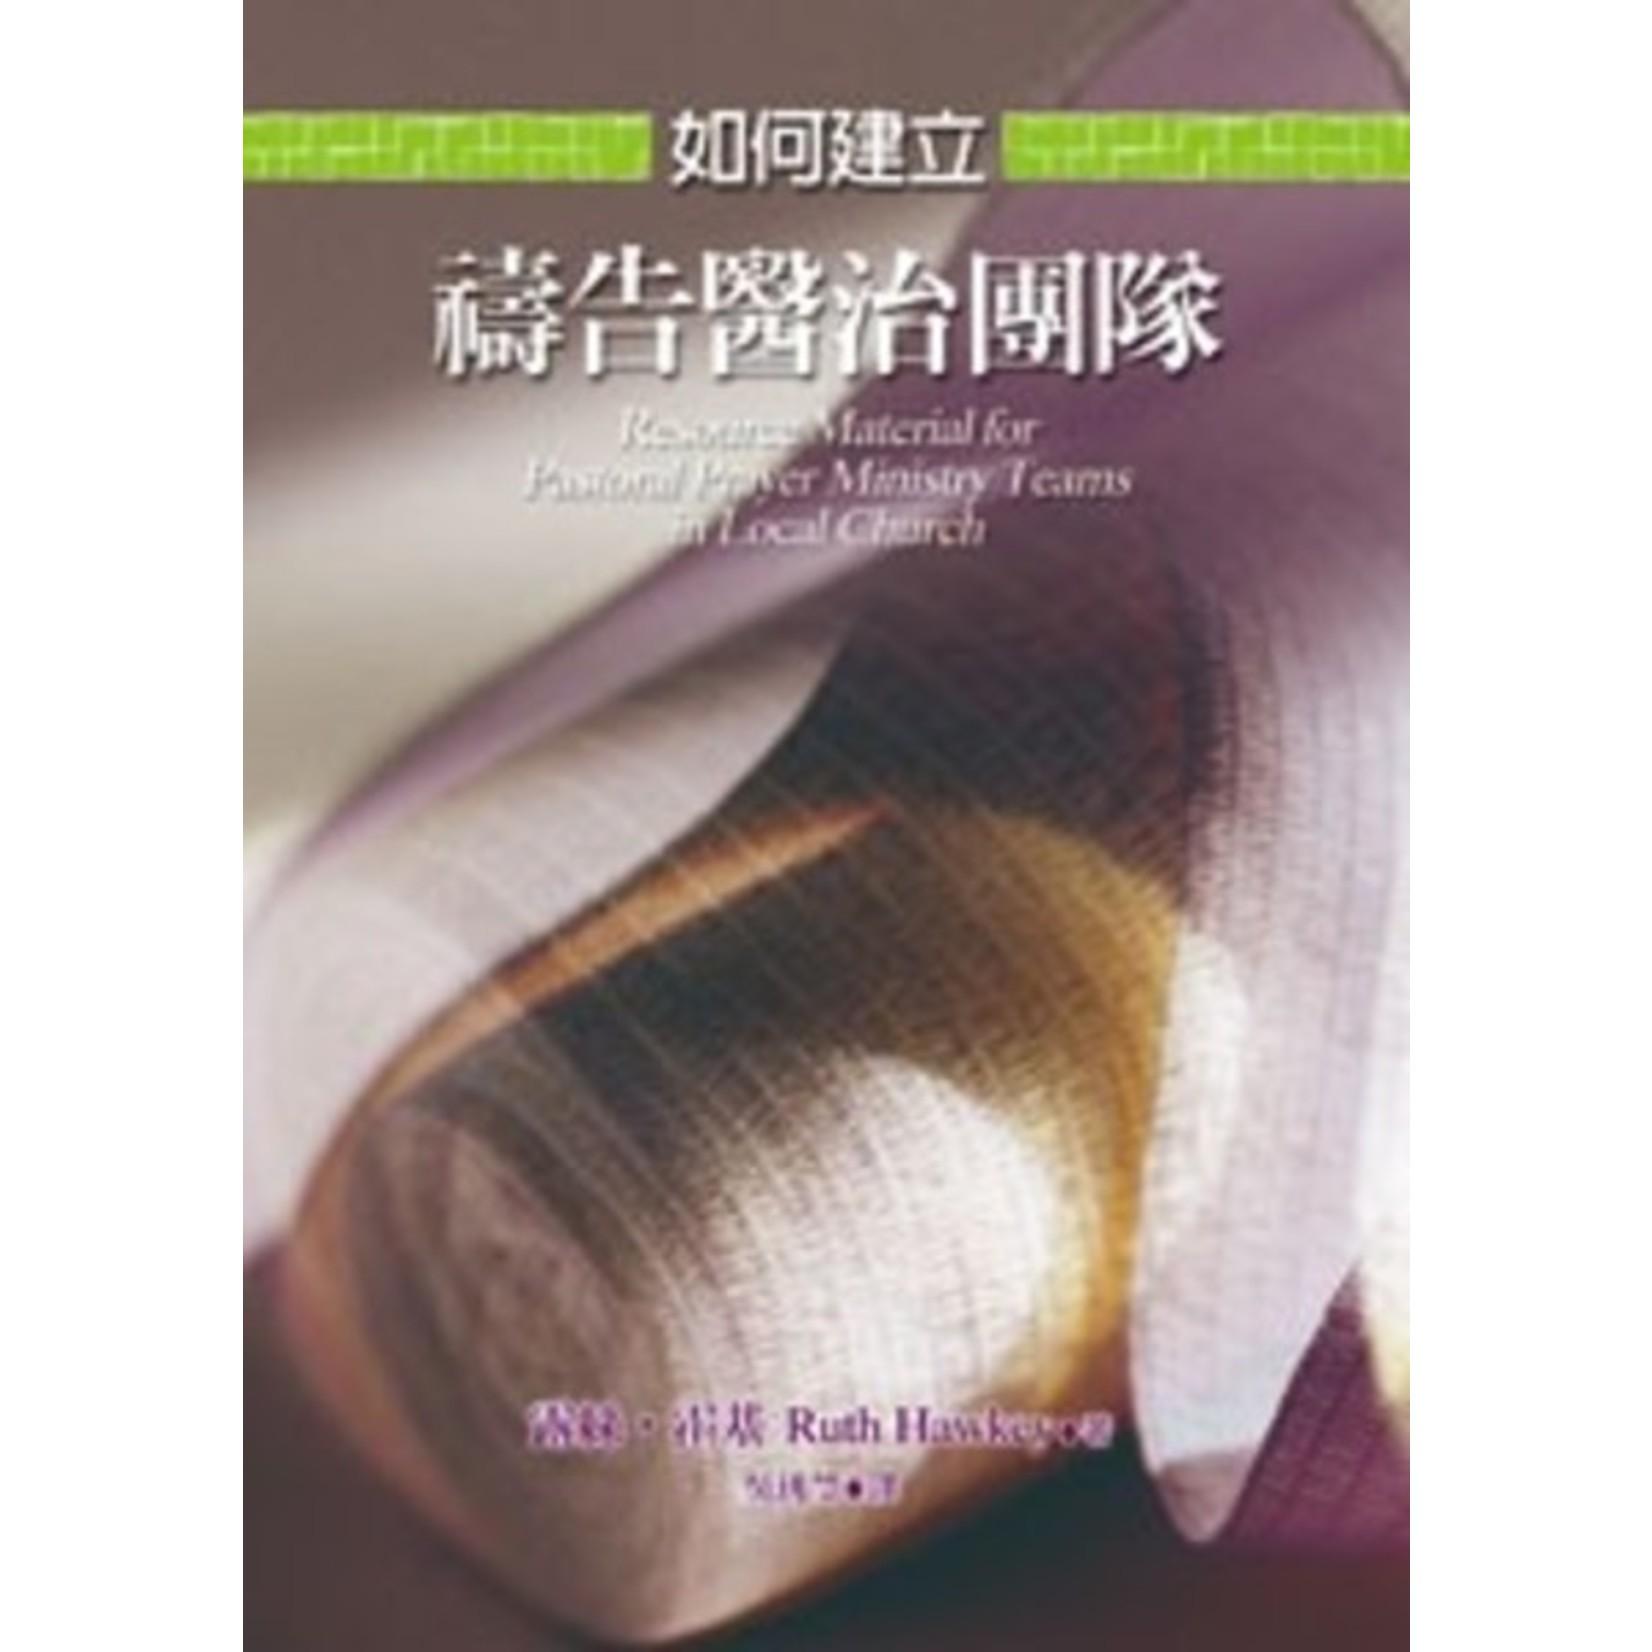 道聲 Taosheng Taiwan 如何建立禱告醫治團隊 Resource Material for Pastoral Prayer Ministry Teams in Local Church